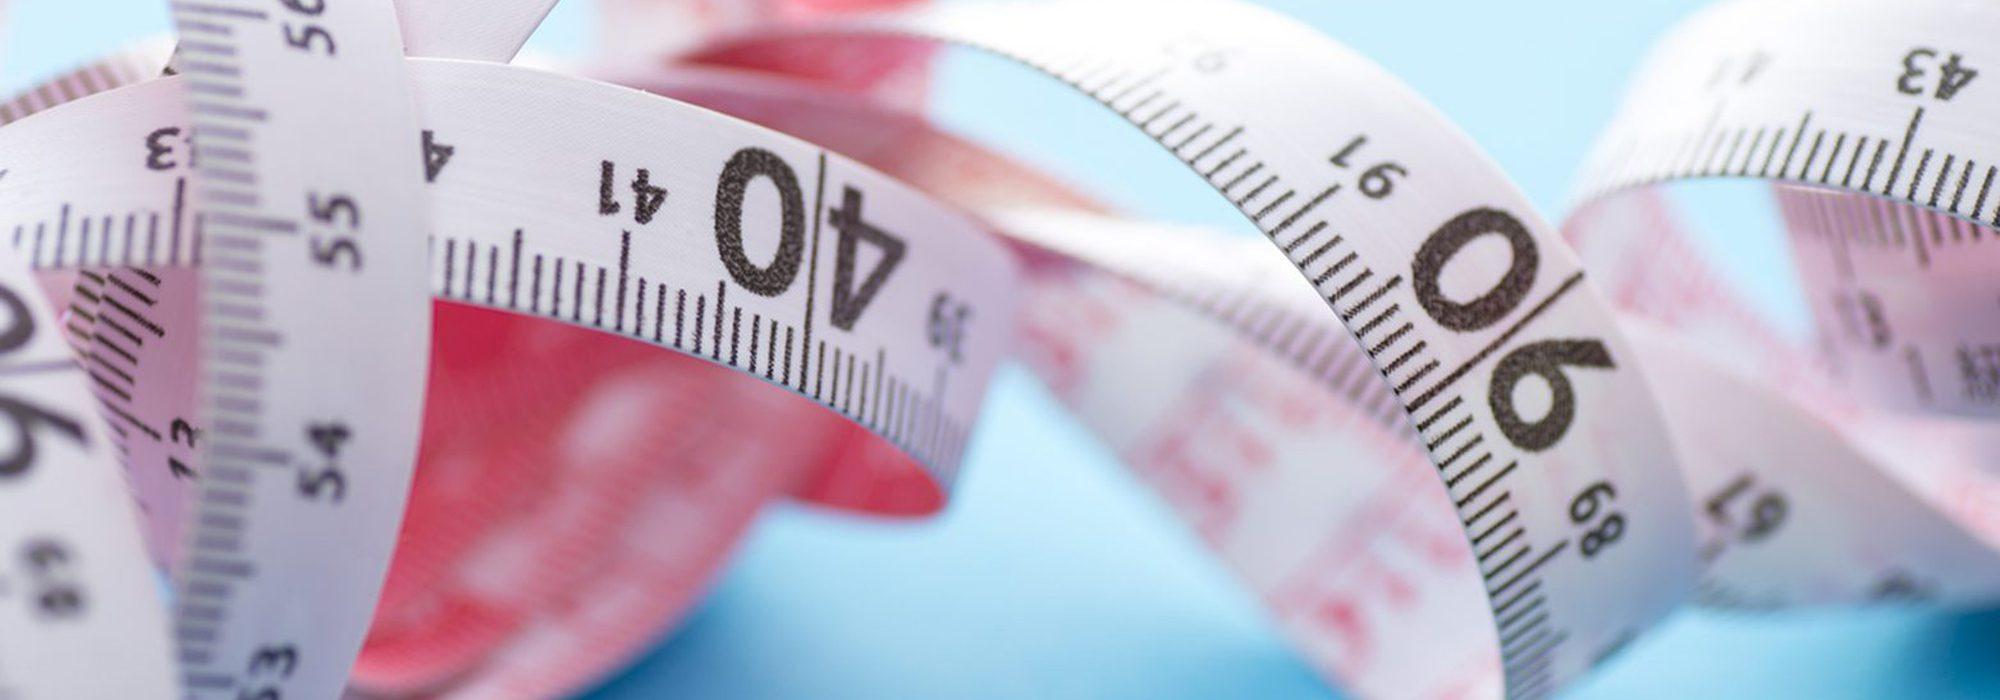 サイズの測り方